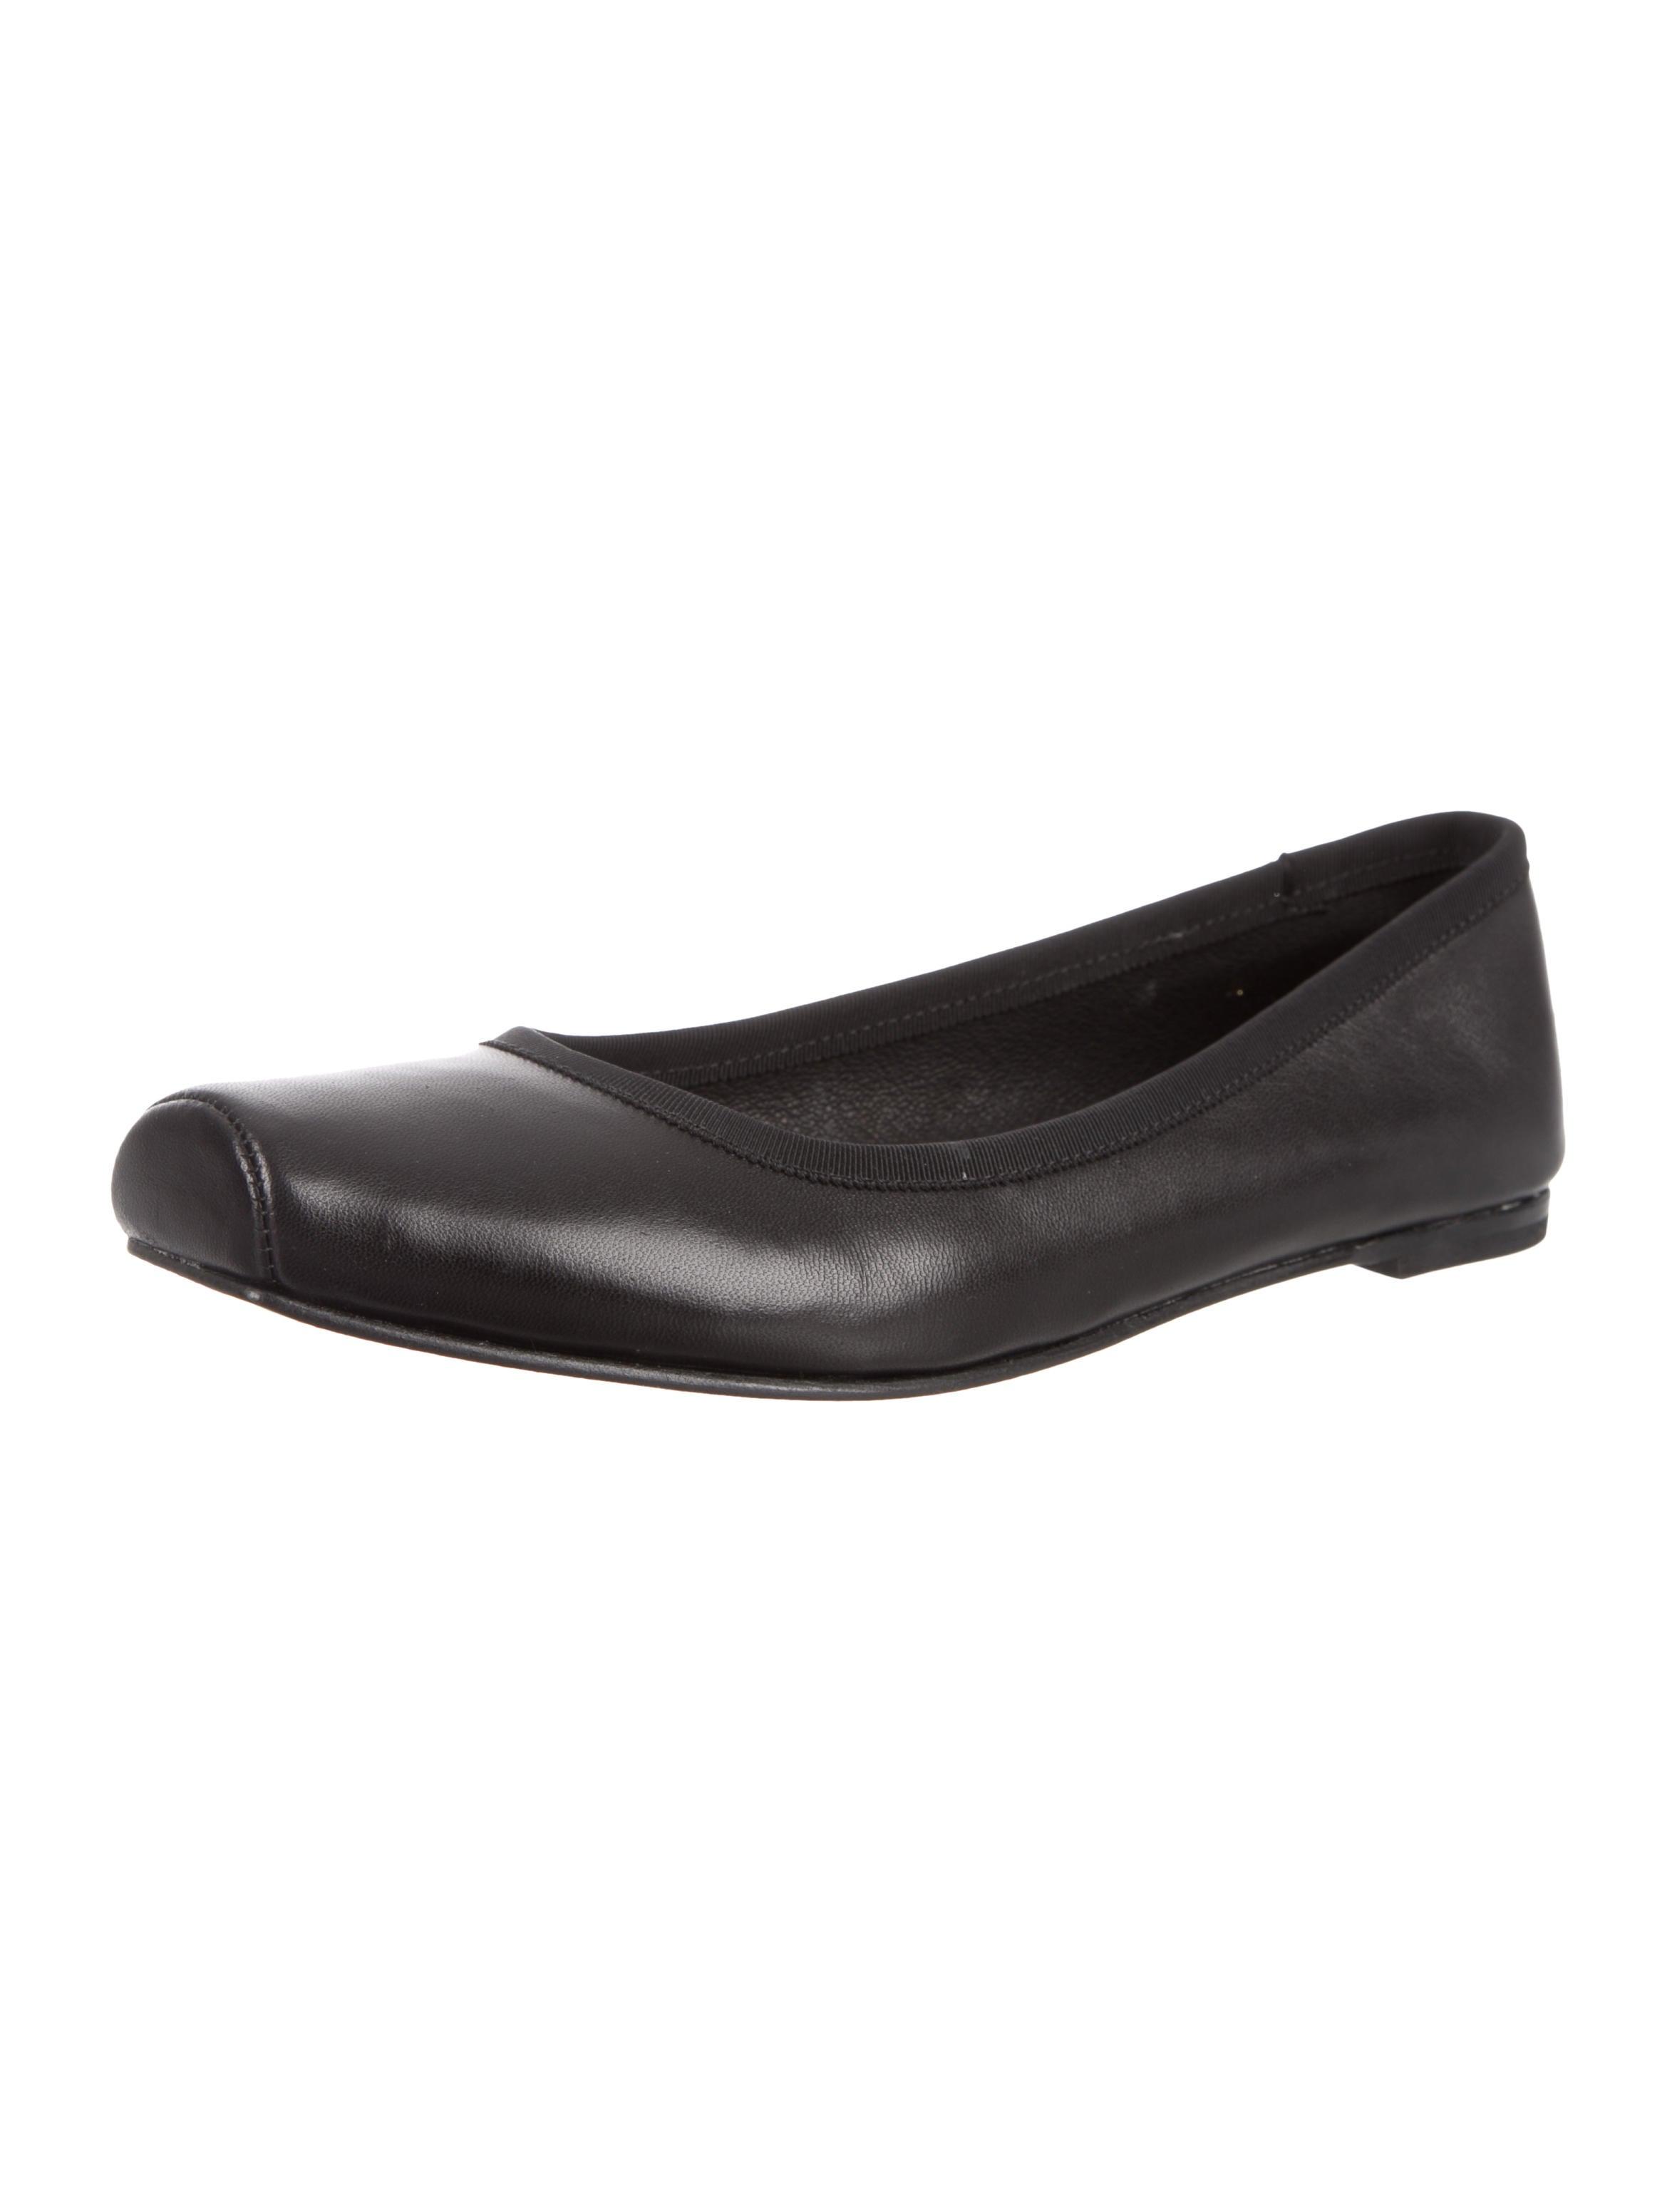 Junya Watanabe Comme des Garçons Leather Square-Toe Flats w/ Tags outlet store sale online s46VxZh